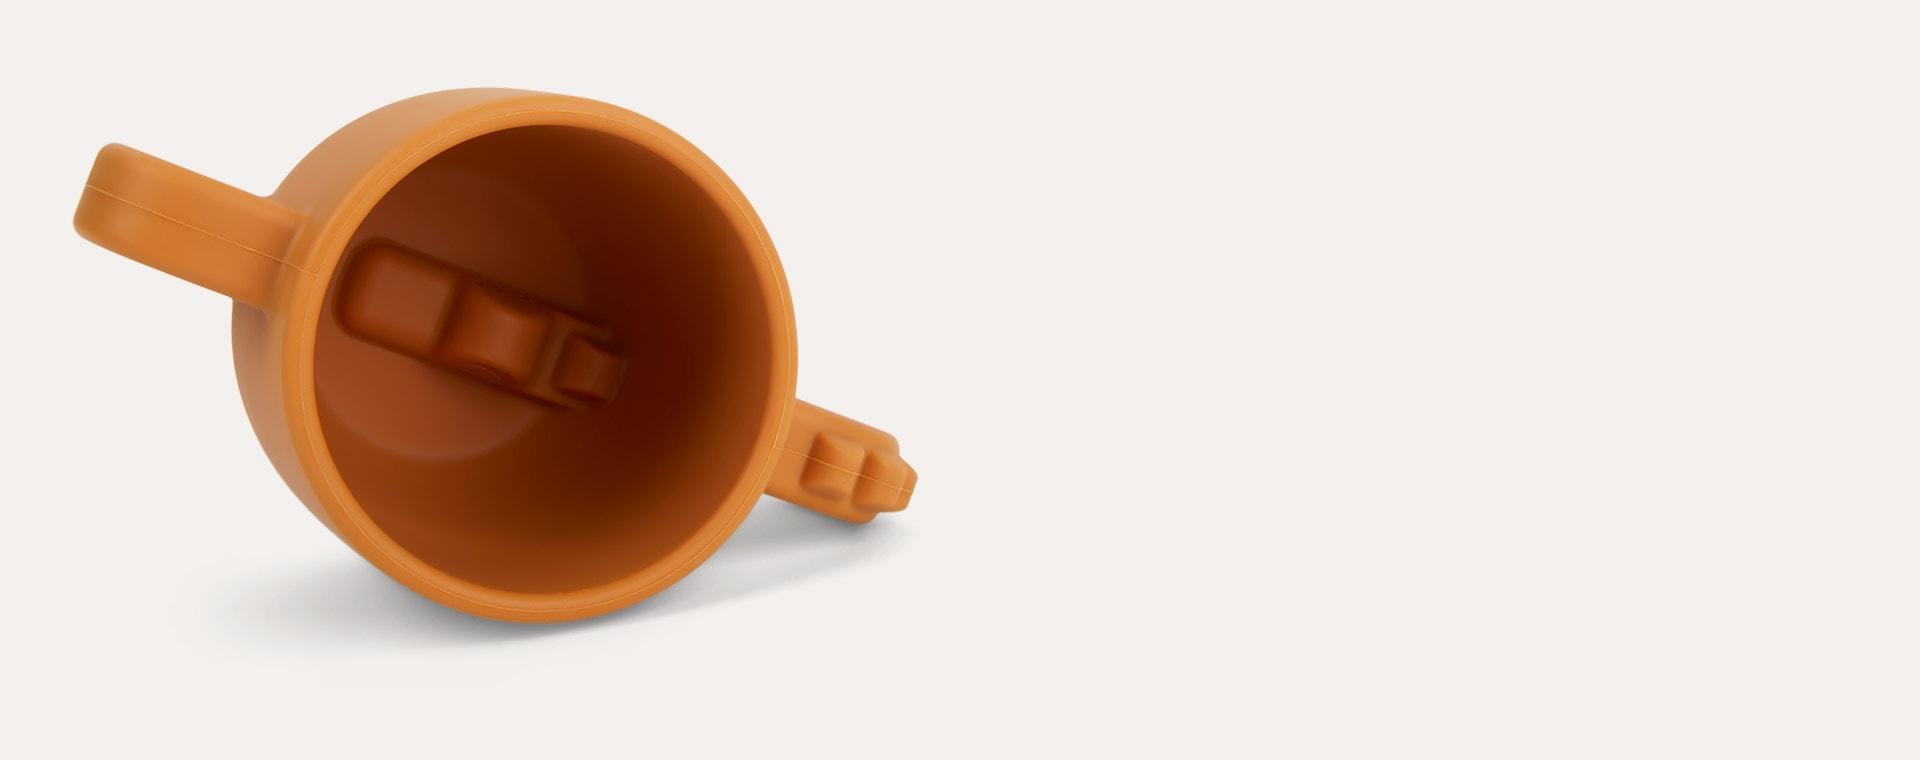 Mustard Done By Deer Peekaboo Cup Croco